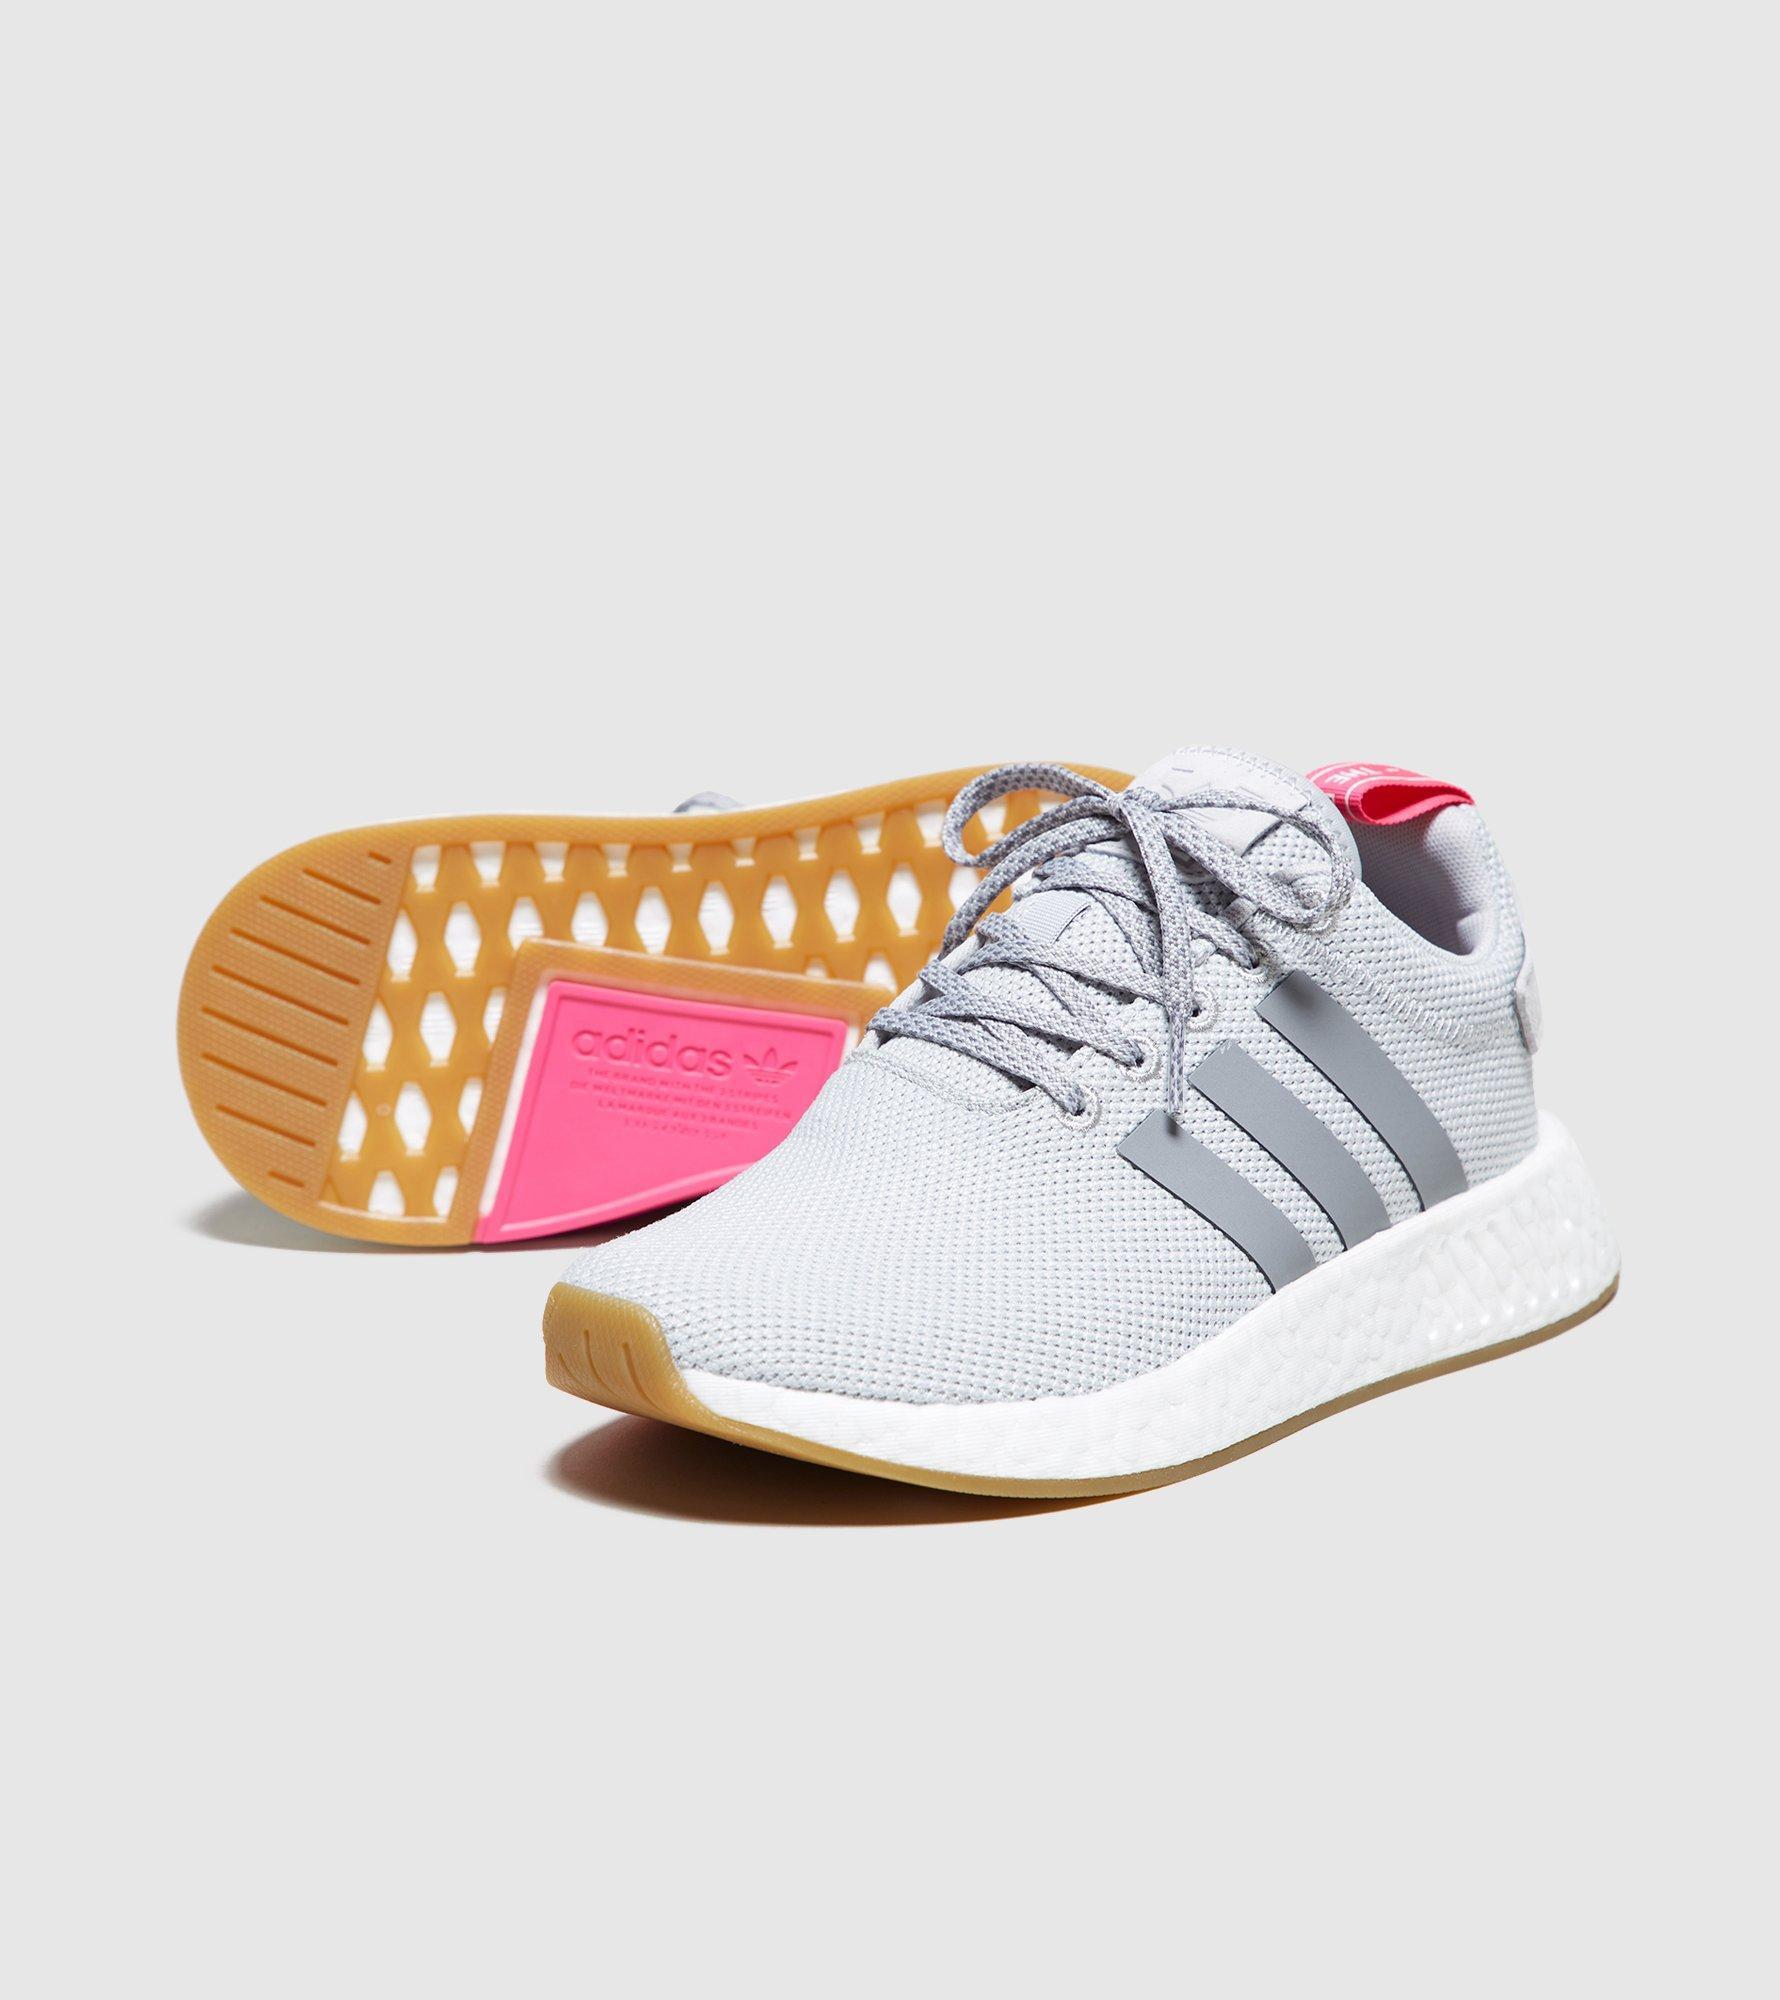 351fb5907c7e8 adidas Originals Nmd R2 Women s in Gray - Lyst